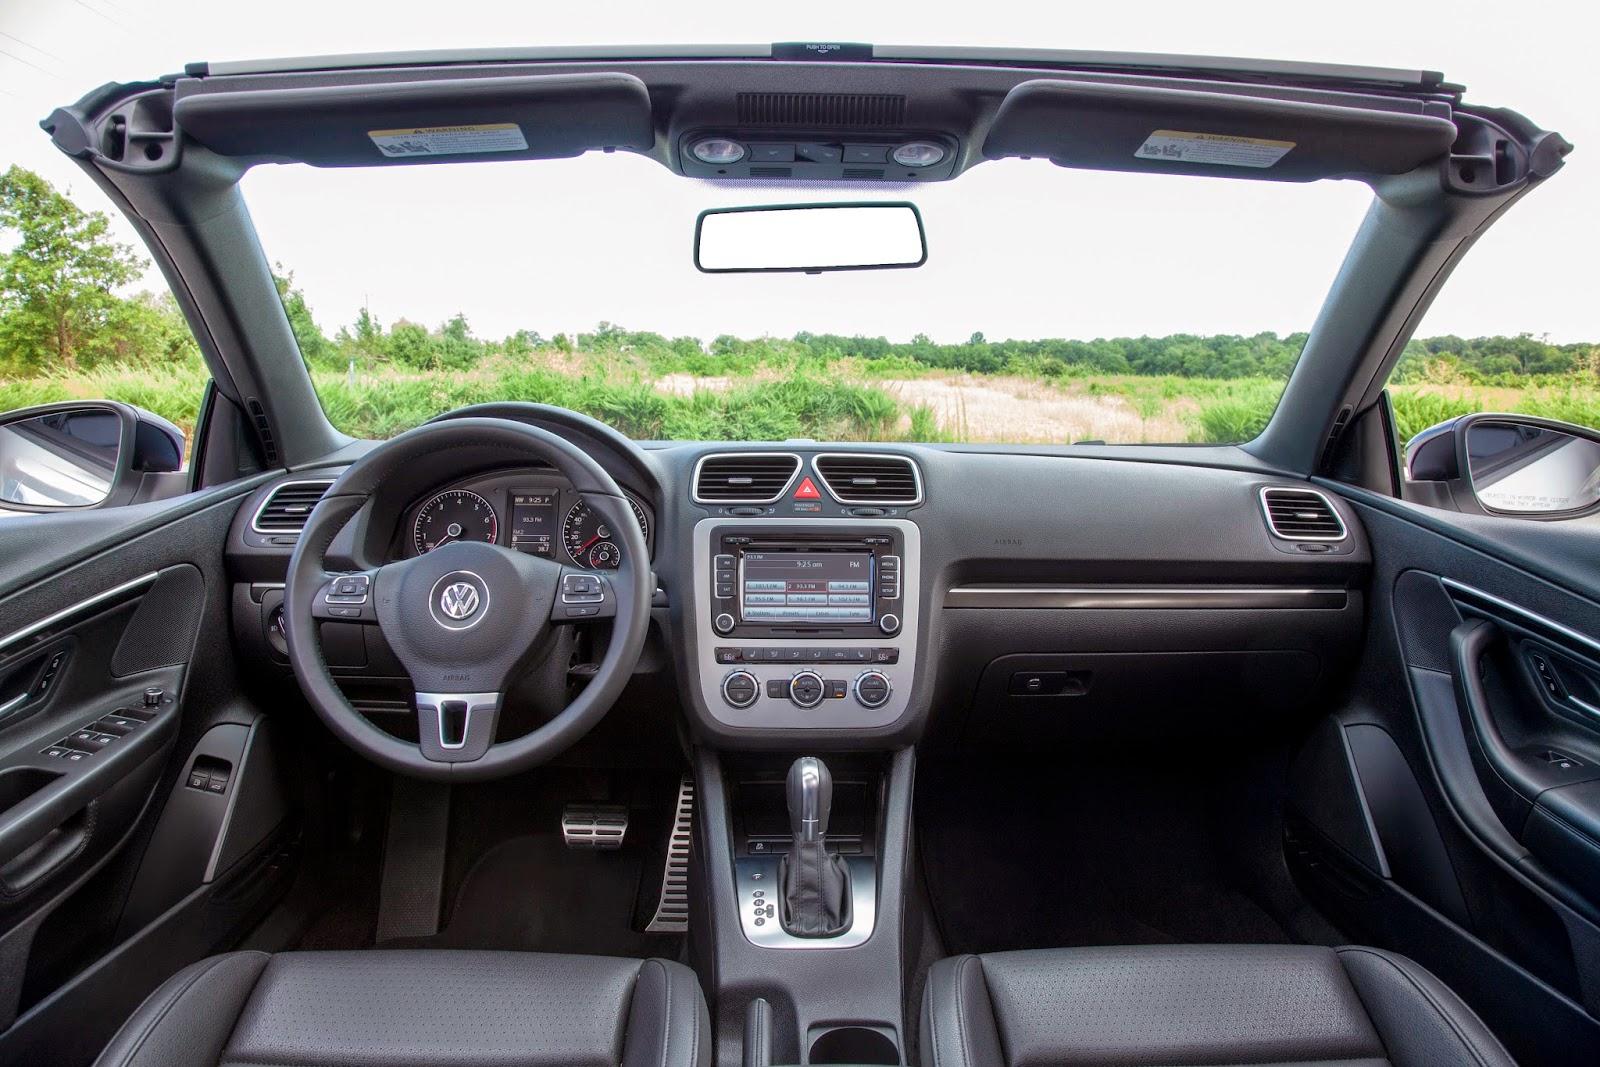 Interior view of 2014 Volkswagen Eos Sport